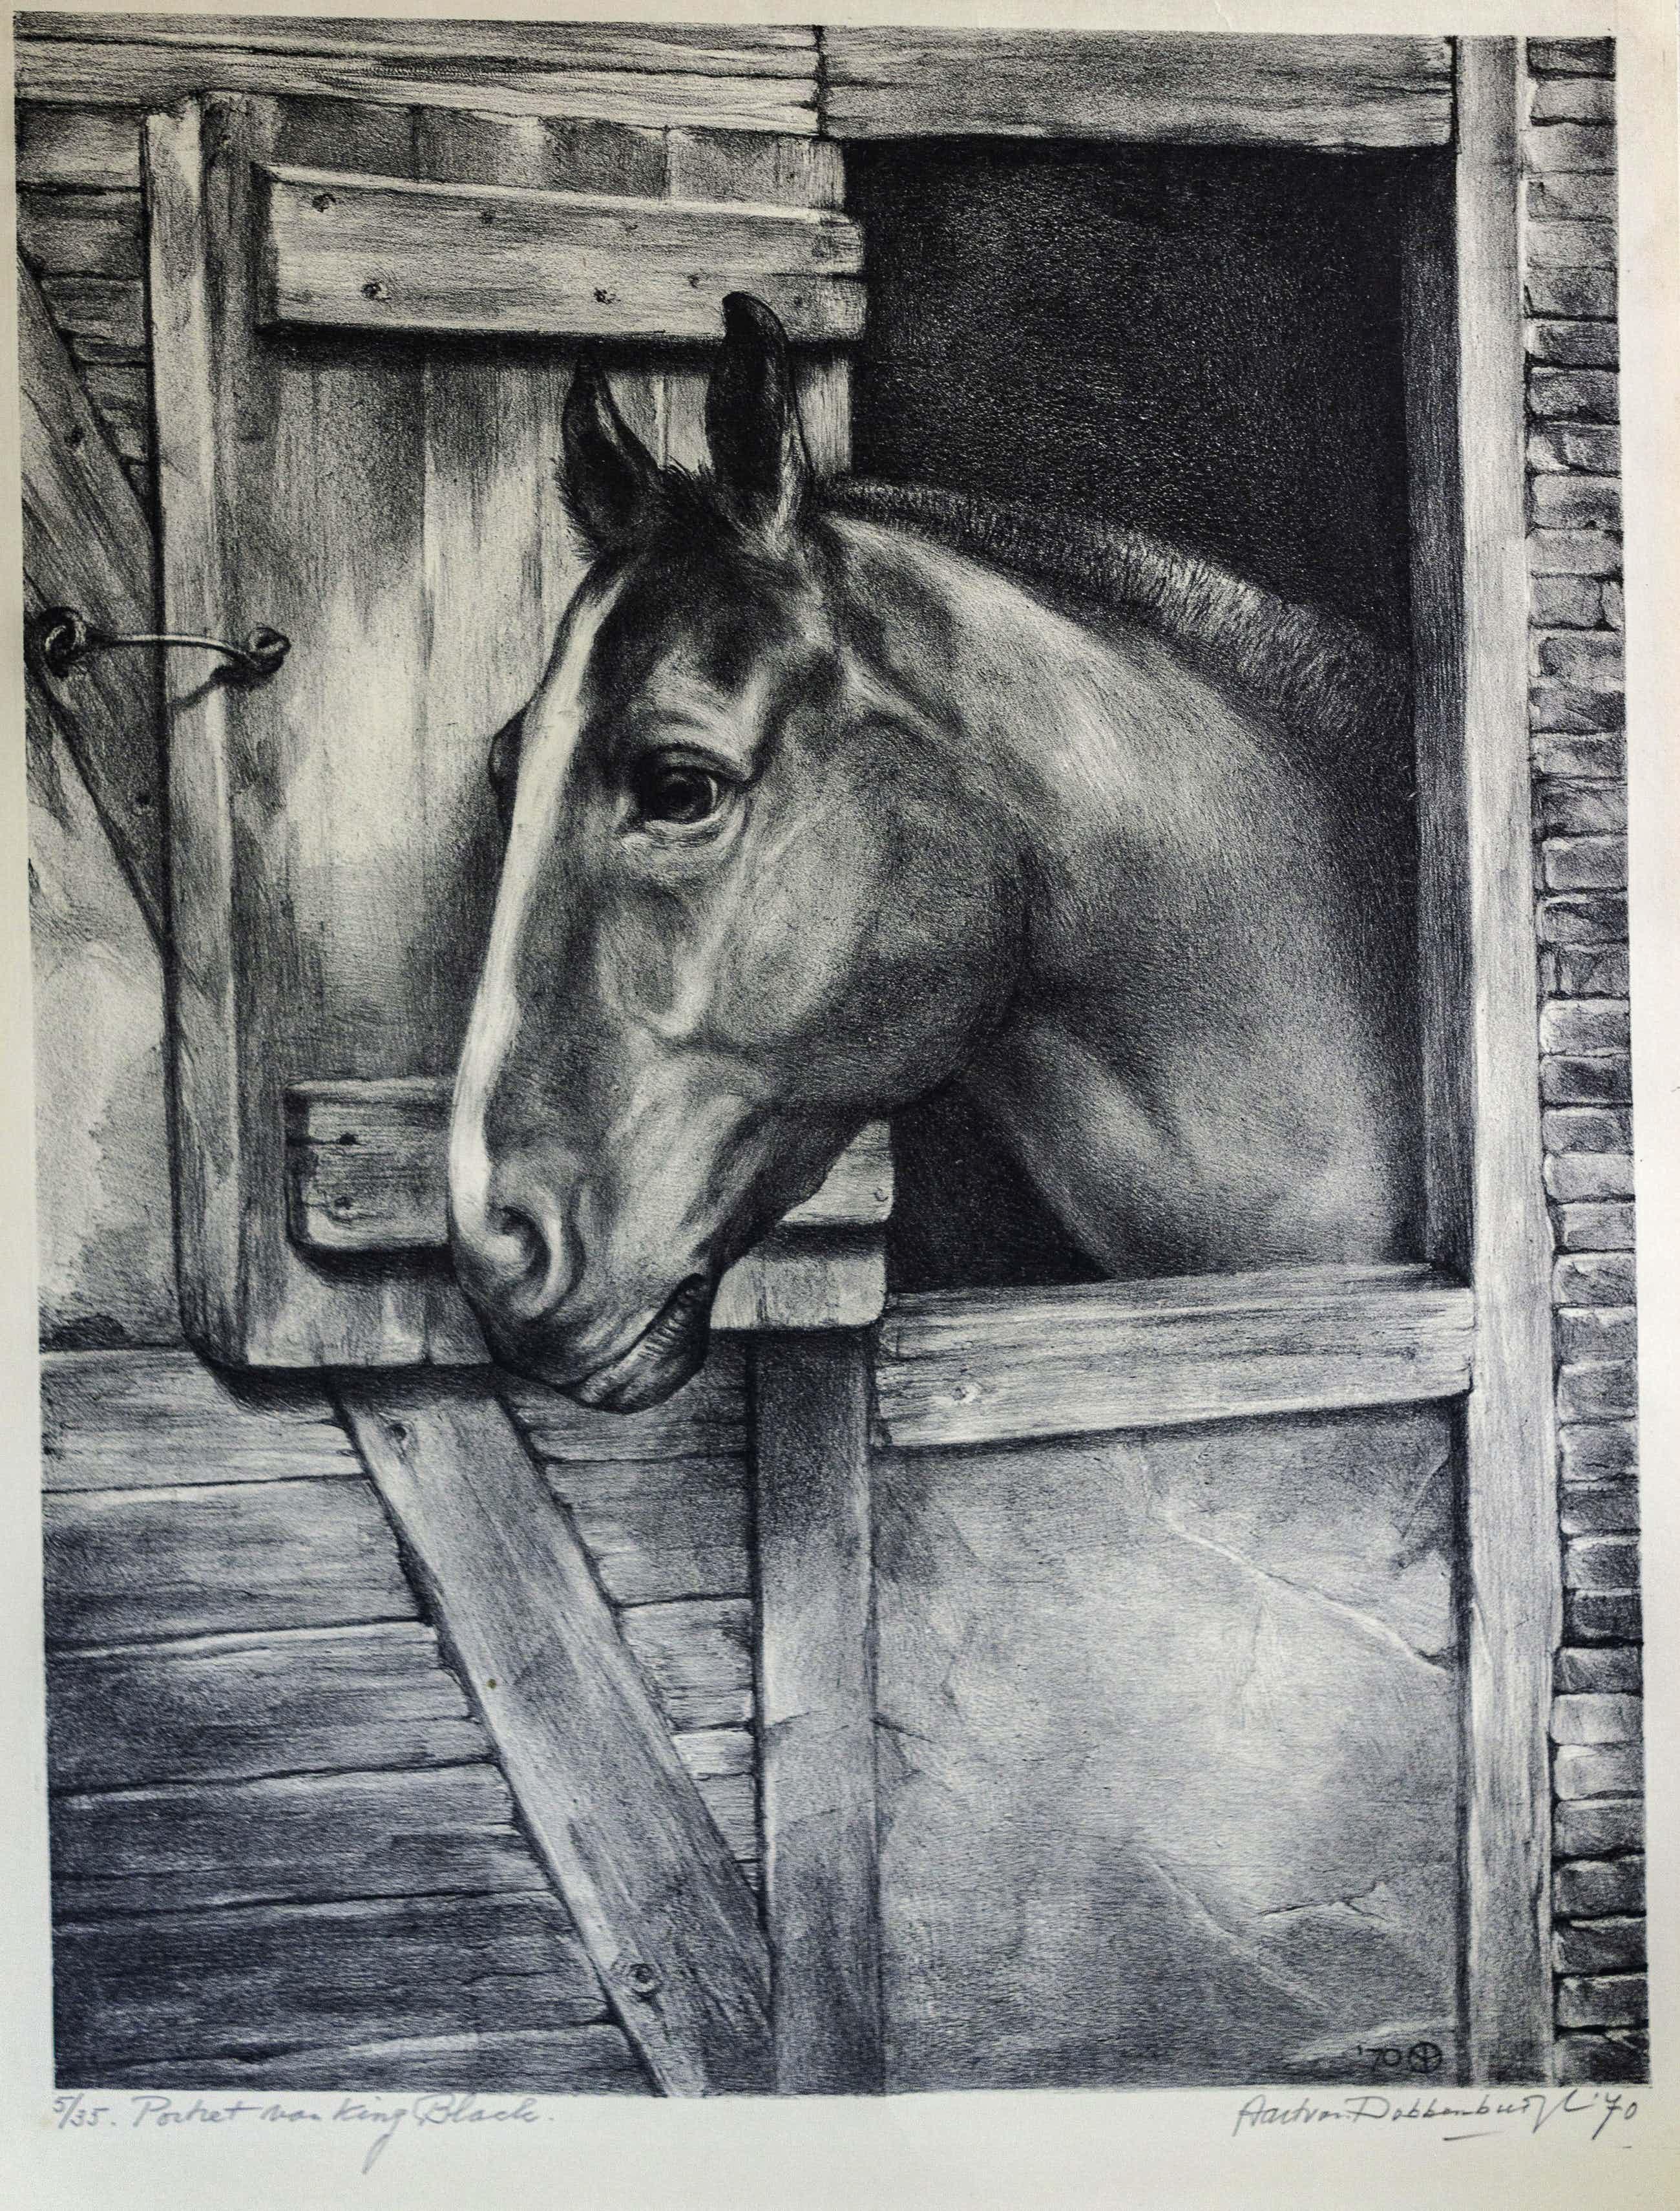 Aart van Dobbenburgh - 5/35 Portret Van King BLack kopen? Bied vanaf 40!